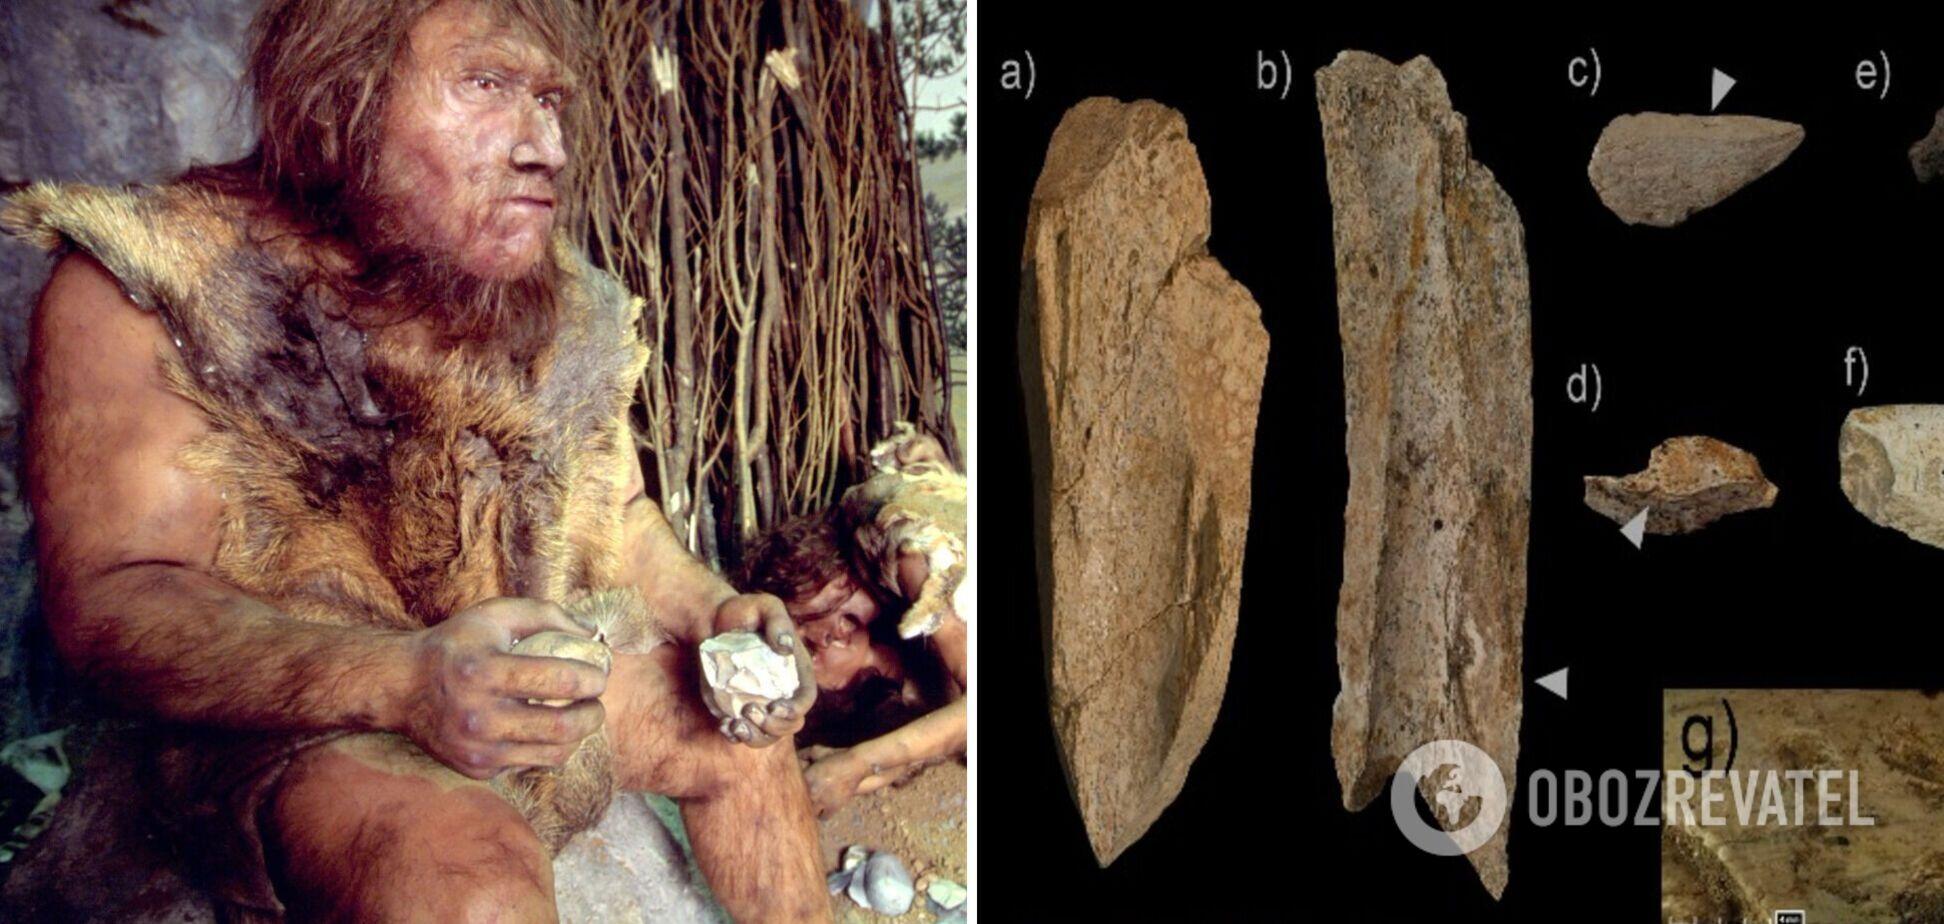 Археологи обнаружили в Испании лагерь неандертальцев, которому 70 тыс. лет. Фото